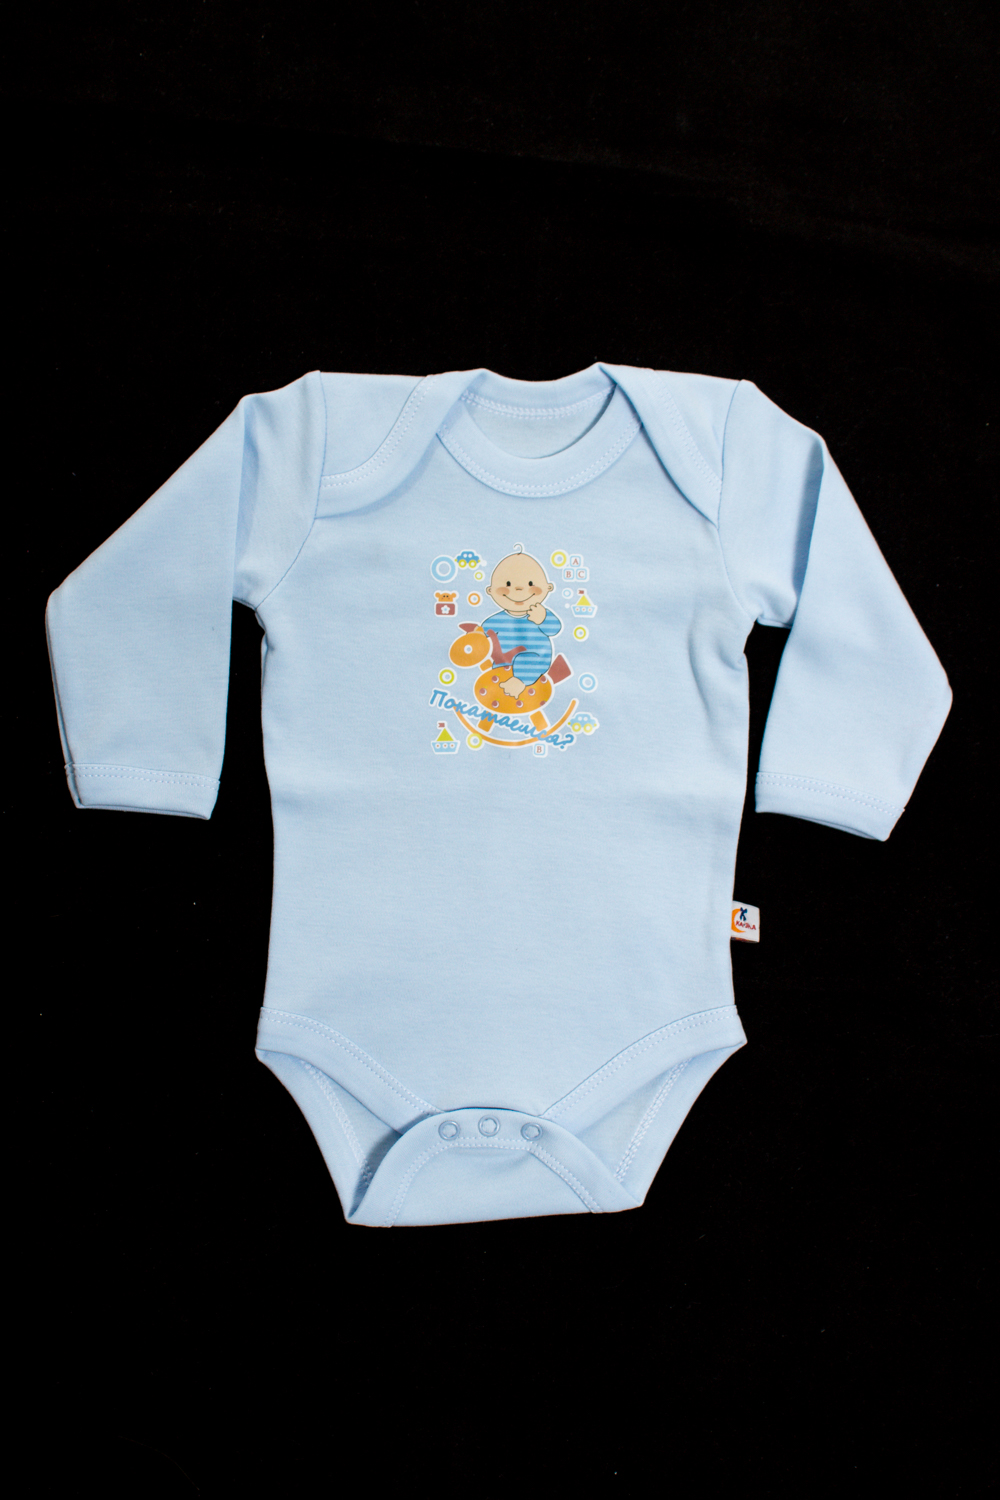 БодиКофточки<br>Хлопковое боди для новорожденного  Цвет: голубой  Размер соответствует росту ребенка<br><br>По сезону: Осень,Весна<br>Размер : 62,68,74<br>Материал: Хлопок<br>Количество в наличии: 3